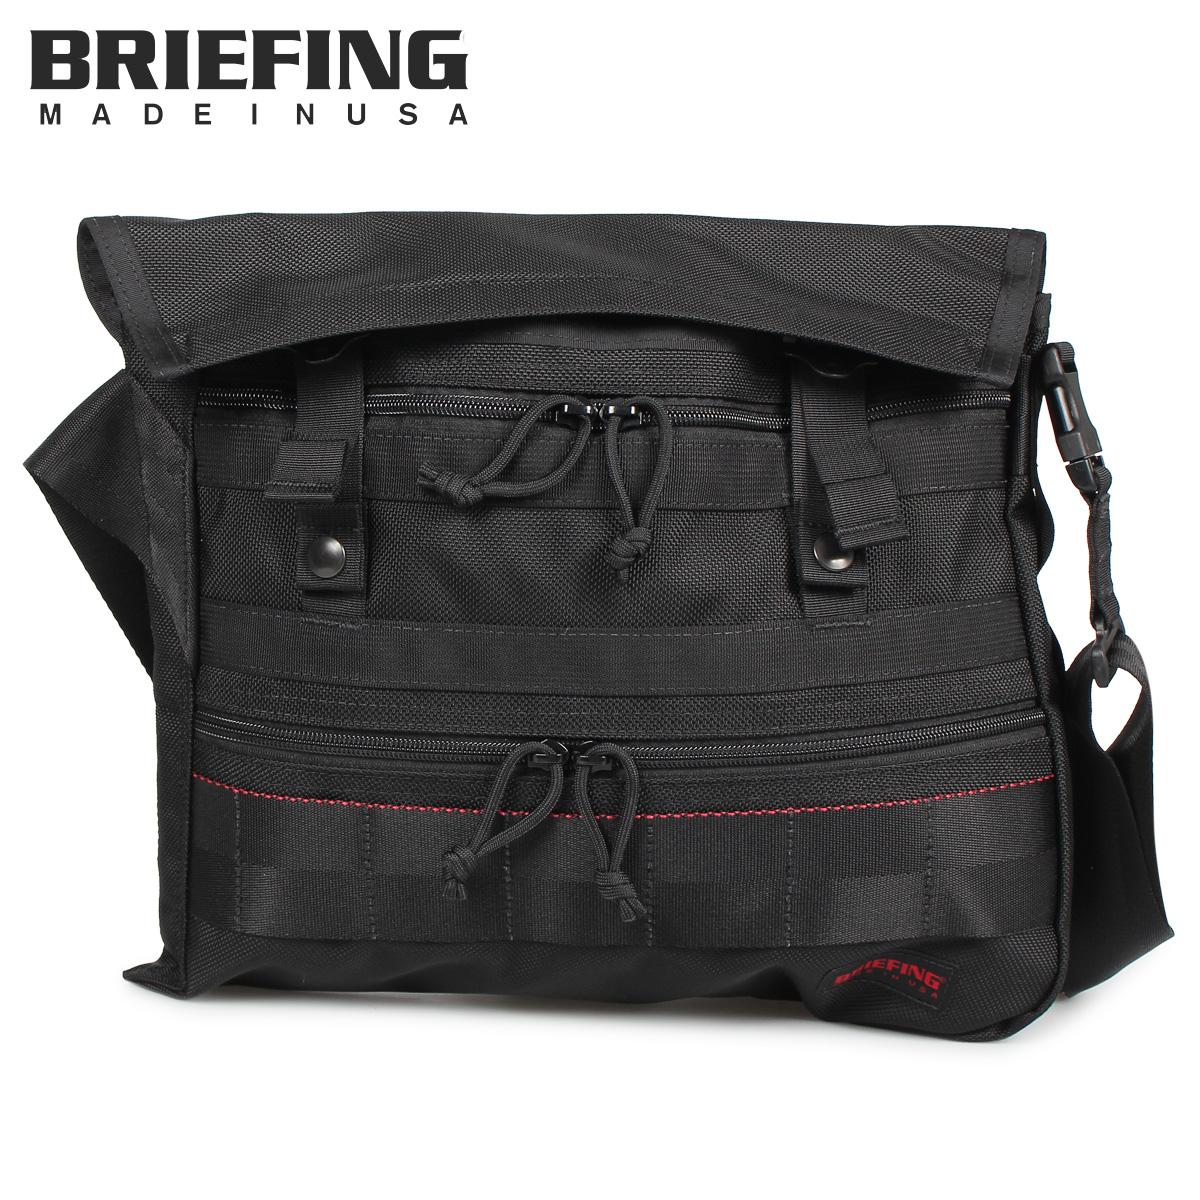 BRIEFING NEO T-SHOULDER ブリーフィング ネオ バッグ ショルダーバッグ サコッシュ メンズ レディース ブラック 黒 BRM181201